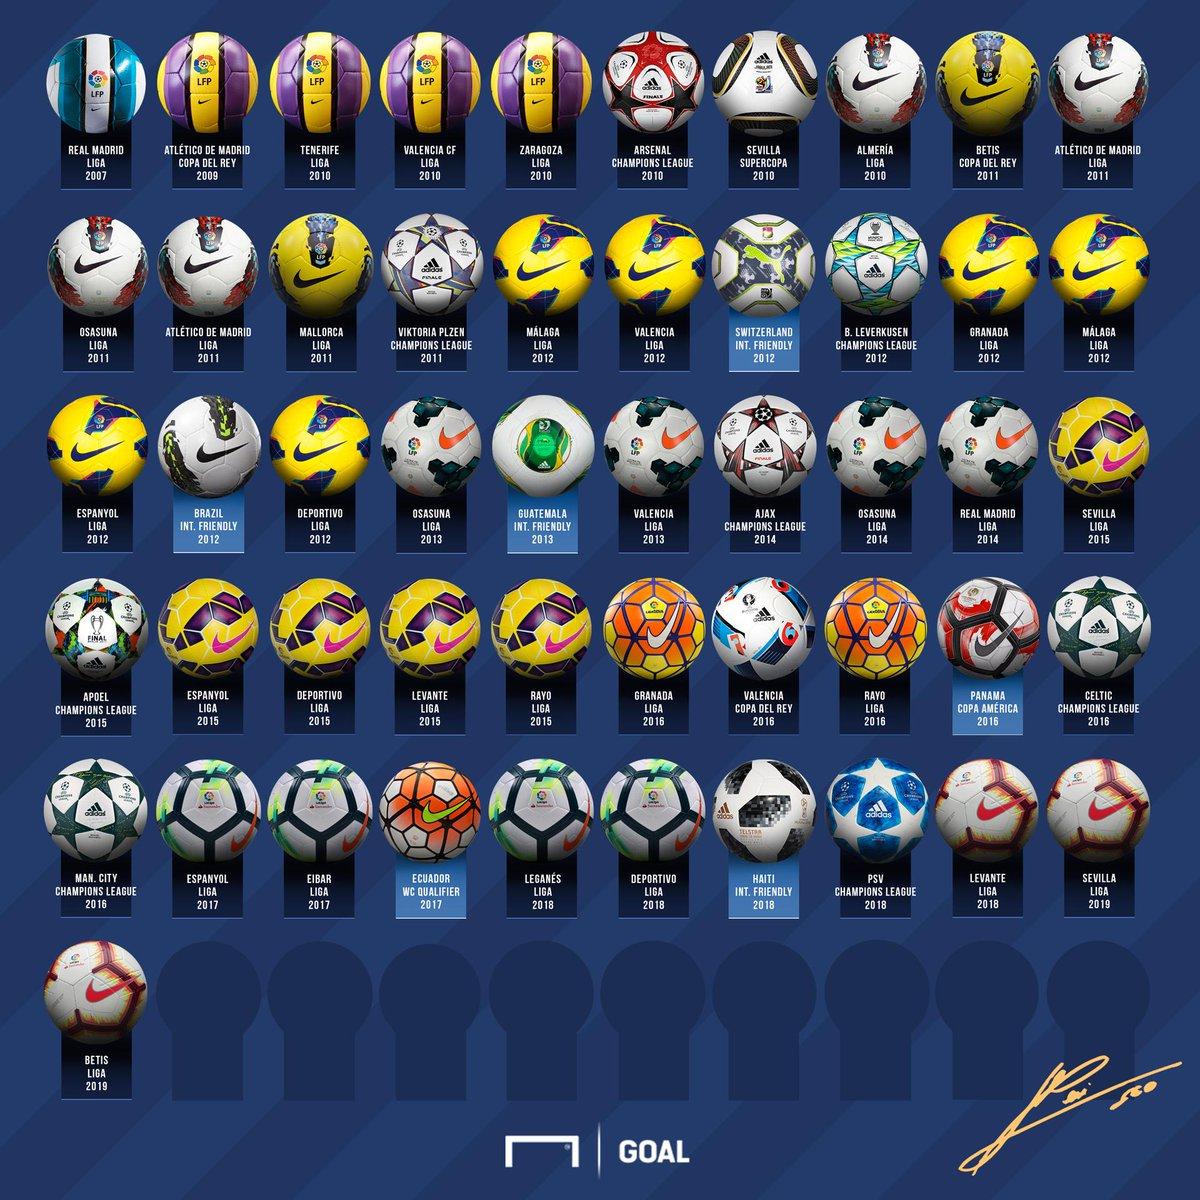 51 career hat-tricks for Lionel Messi 😎